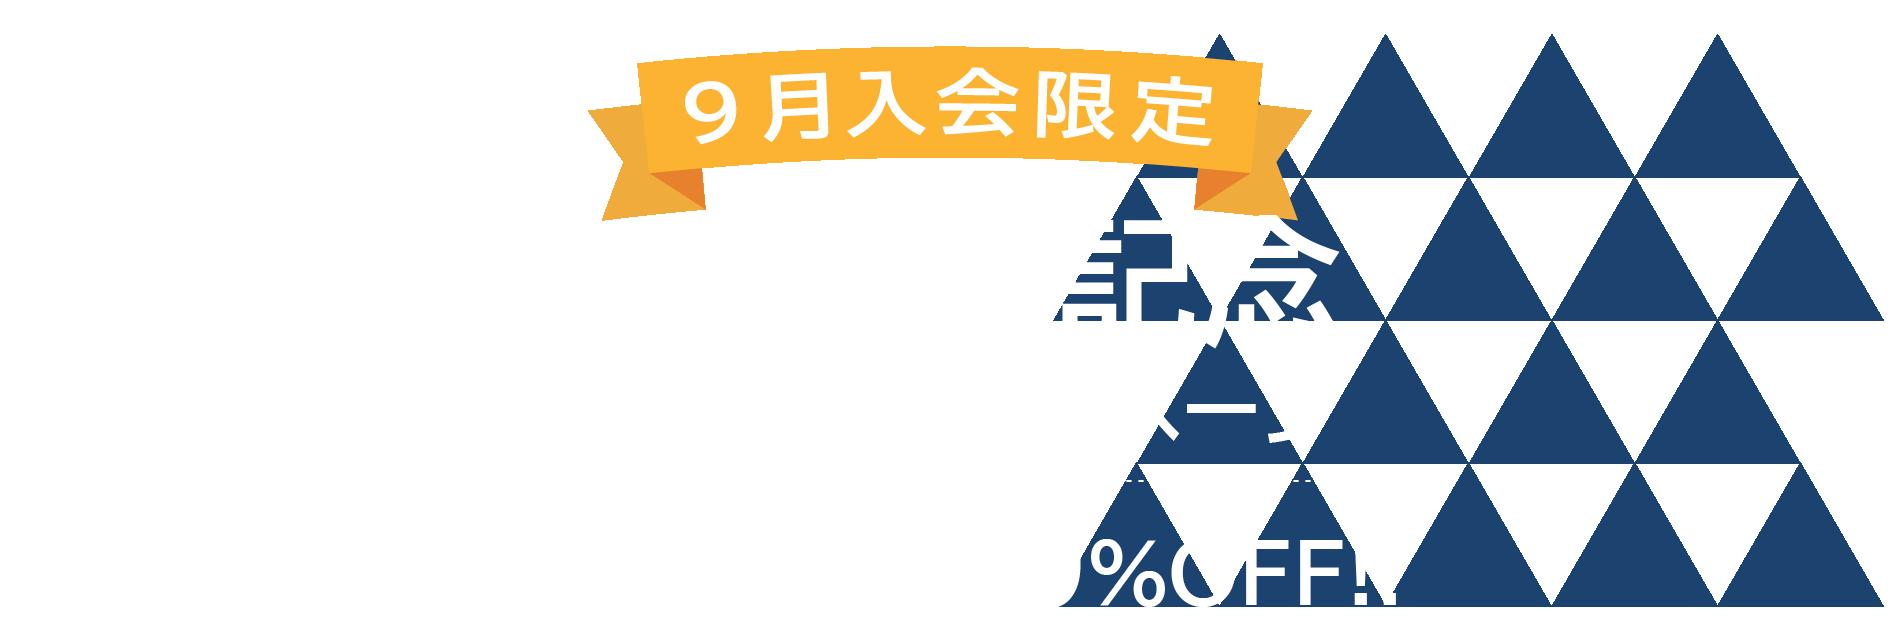 9月入会限定 20周年記念キャンペーン 1回の配信が50%OFF